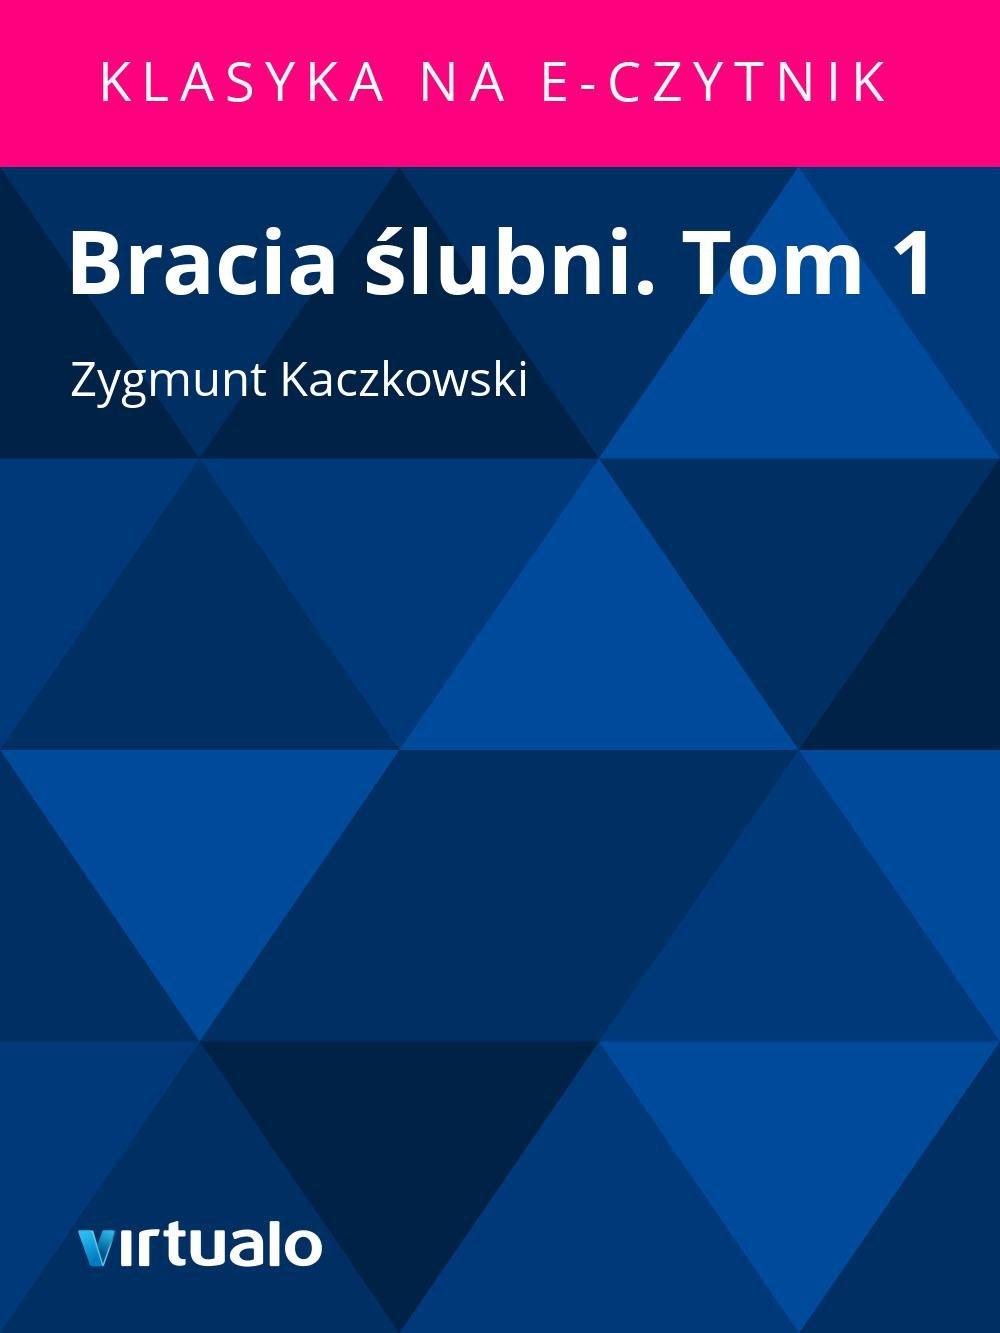 Bracia ślubni. Tom 1 - Ebook (Książka EPUB) do pobrania w formacie EPUB